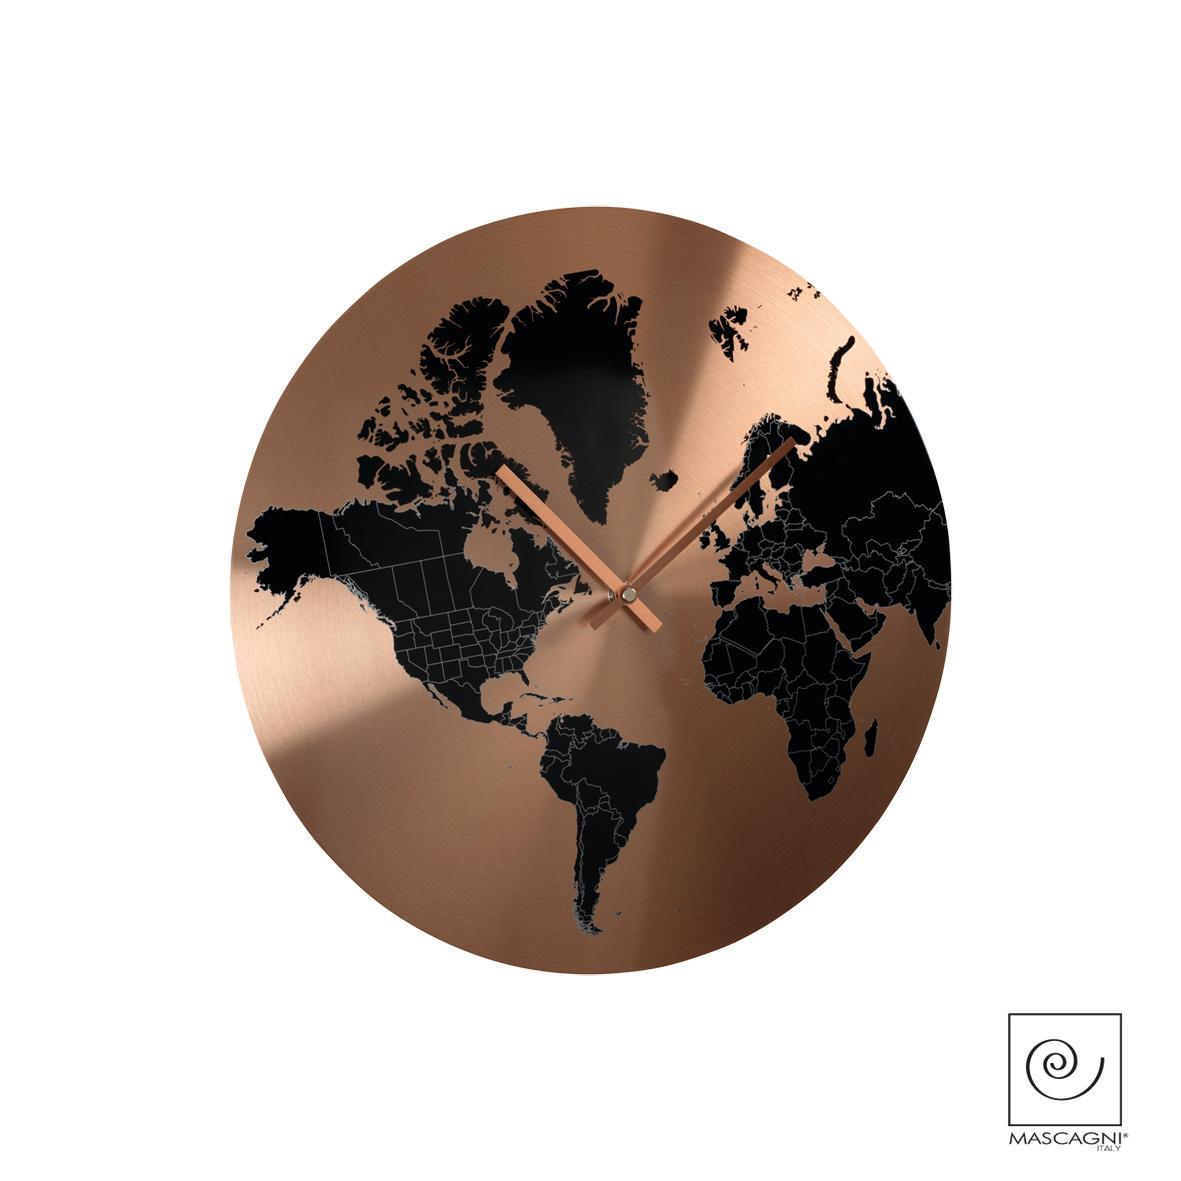 Art Mascagni M559 CLOCK DIAM.40 - COL.COPPER